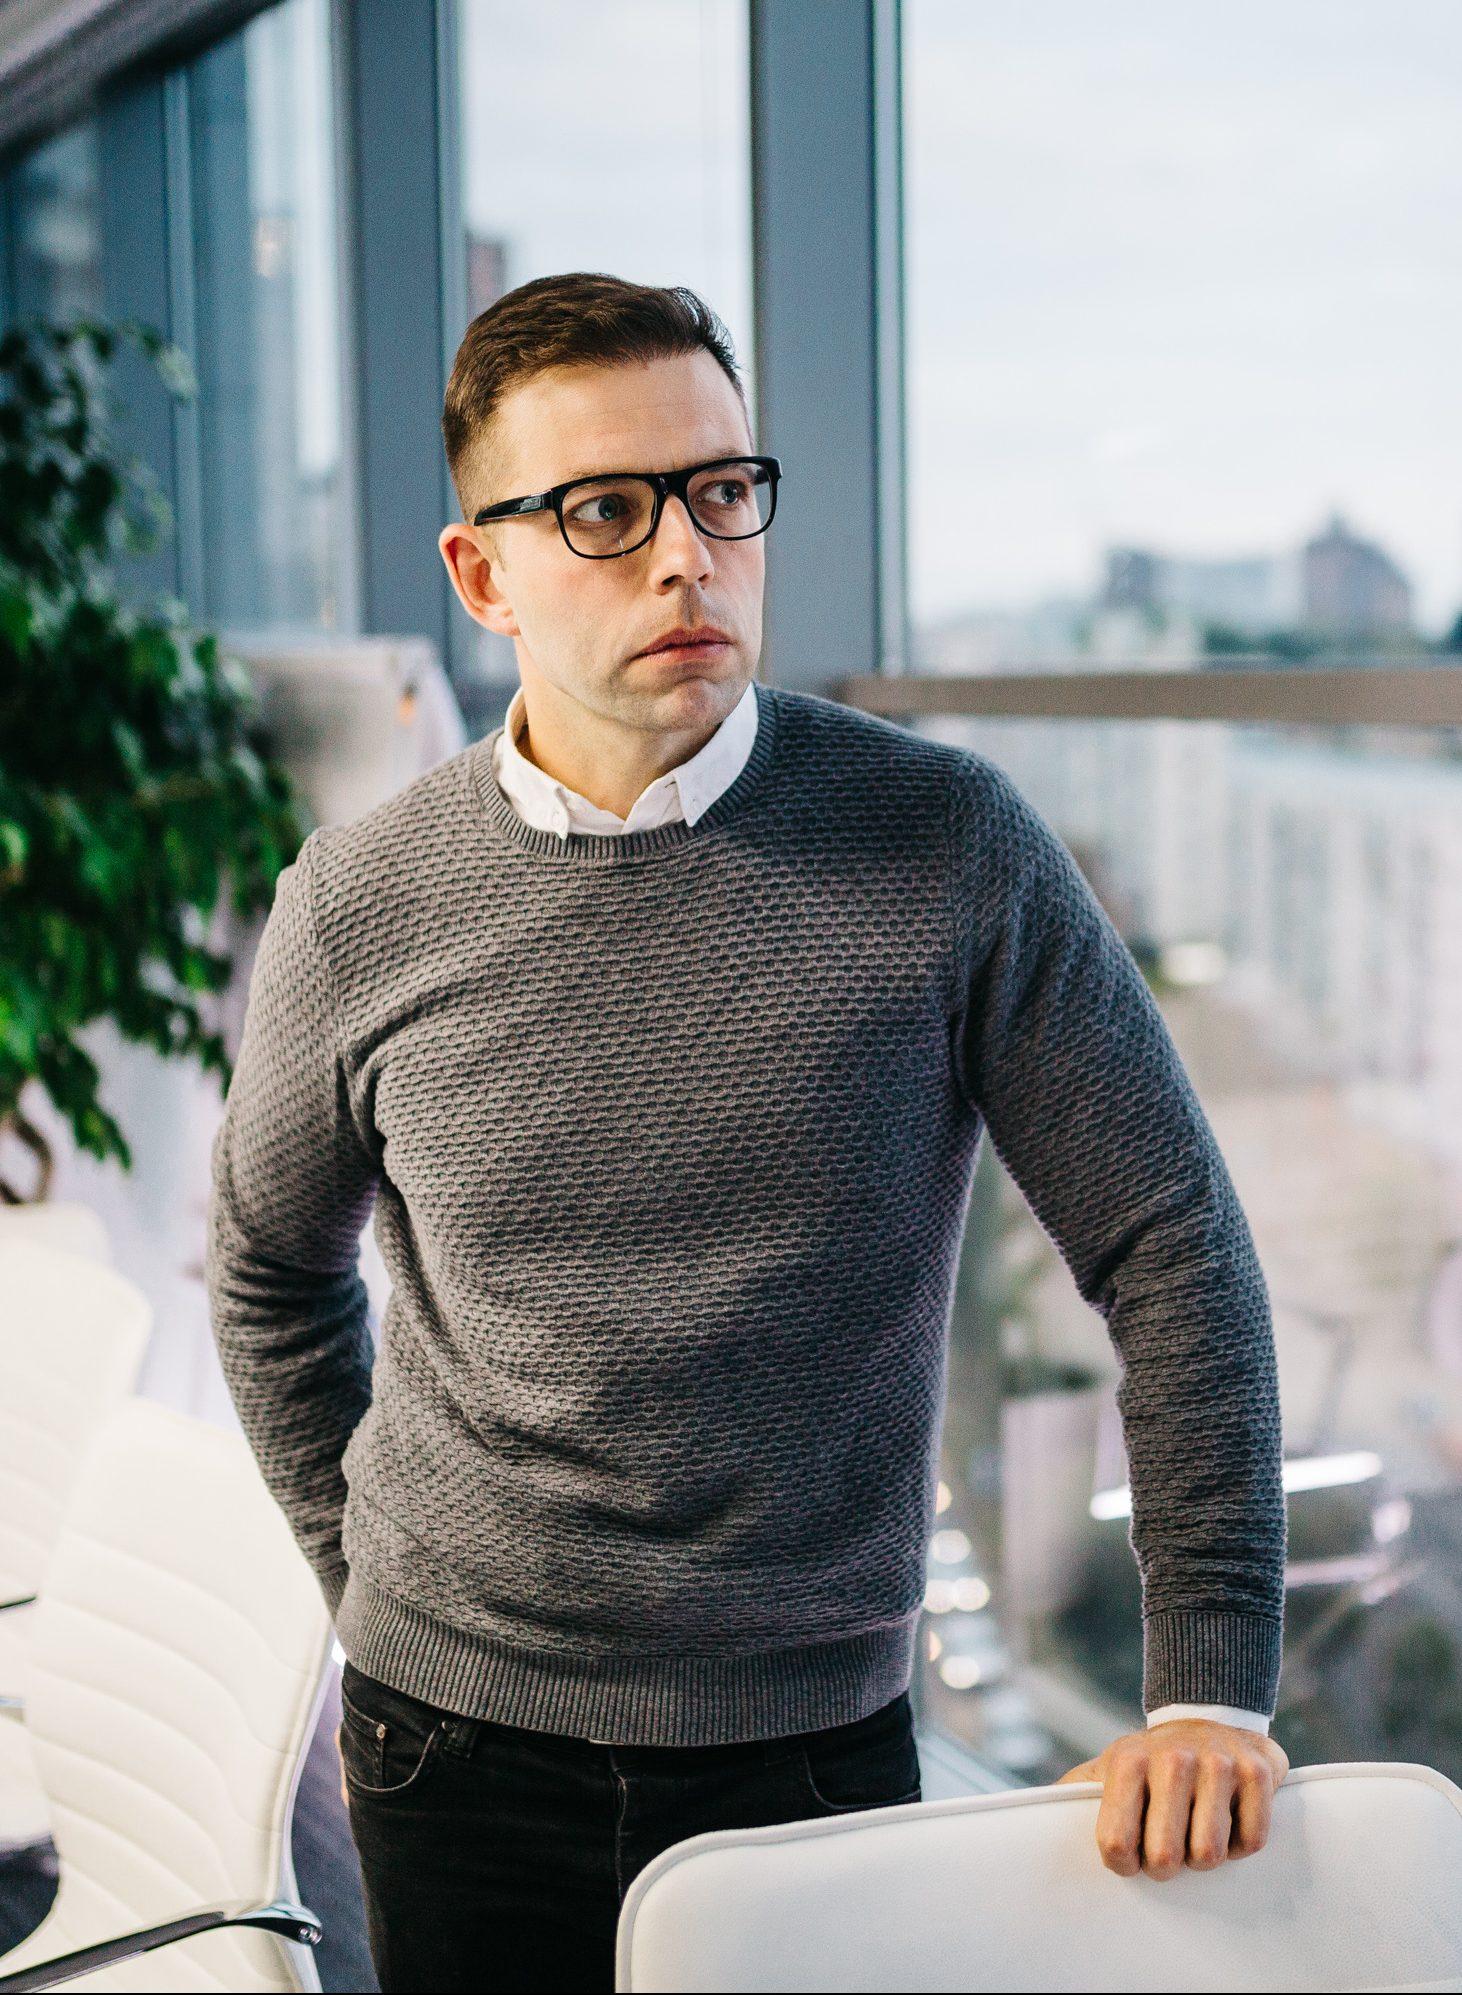 ИСПЫТАНИЕ РЕАЛЬНОСТЬЮ: Николай Такзей о том, как должны трансформироваться компании в  эпоху инноваций